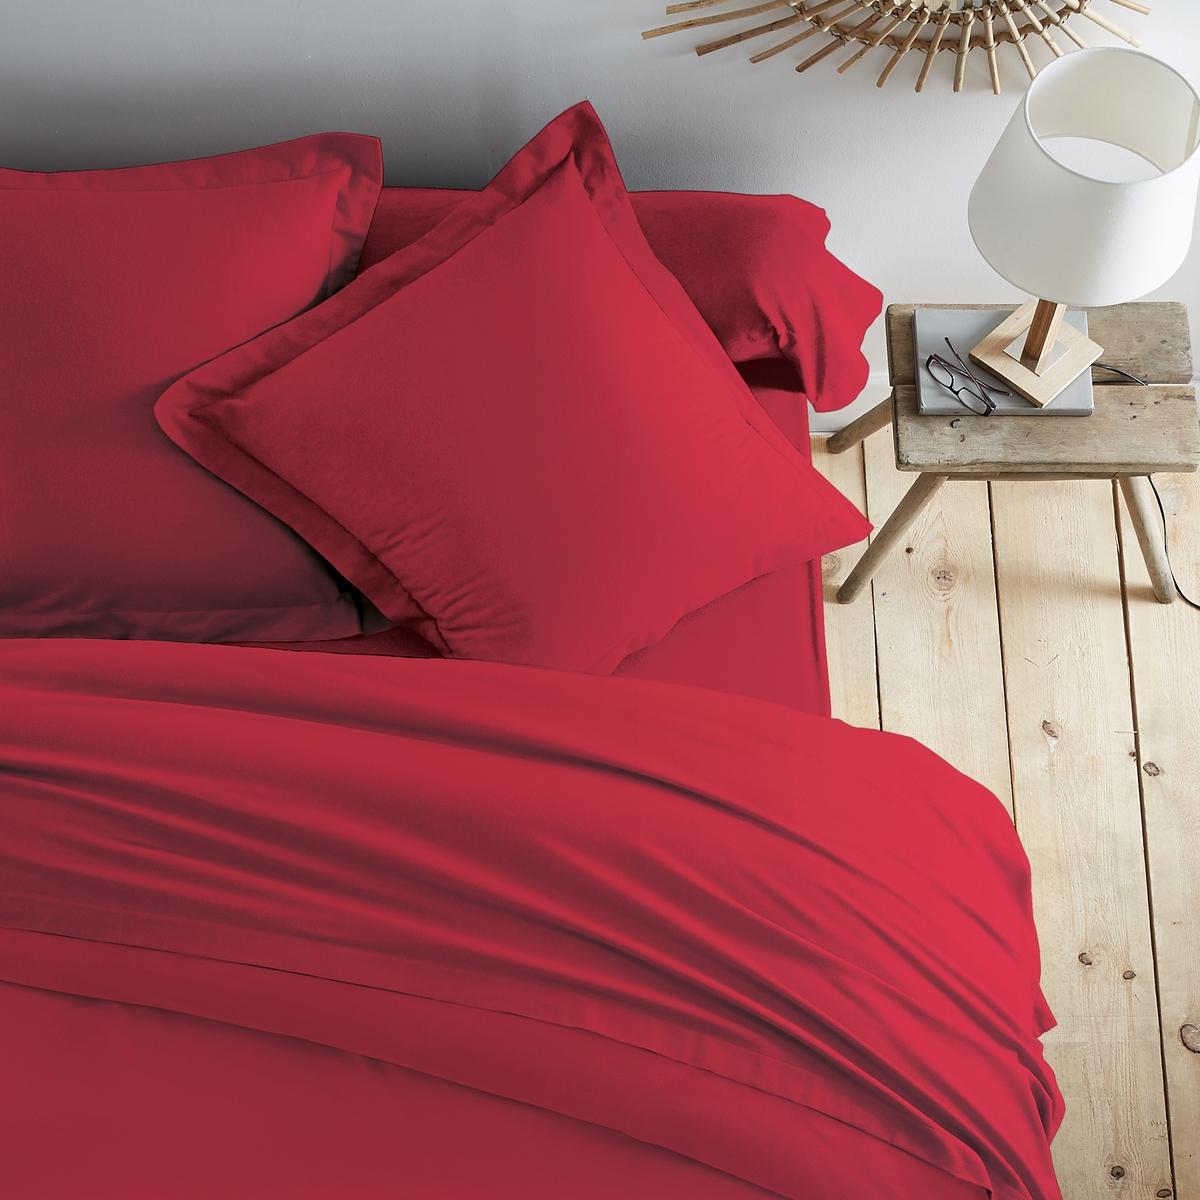 Простыня из фланелиПростыня из плотной фланелевой ткани (170 г/м?) 100% хлопка, теплая и нежная, с невероятно устойчивым цветом. Известная своей теплотой и комфортом, фланель идеально подходит для встречи зимы.Превосходная стойкость цвета при стирке (60°).                                                                                                                                   Знак Oeko-Tex® дает гарантию того, что изделия изготовлены без применения химических средств и не представляют опасности для здоровья человека.Простыня: 180x290 см240х290 см270x290 см<br><br>Цвет: антрацит,бледно-розовый,красный<br>Размер: 270 x 290  см.180 x 290  см